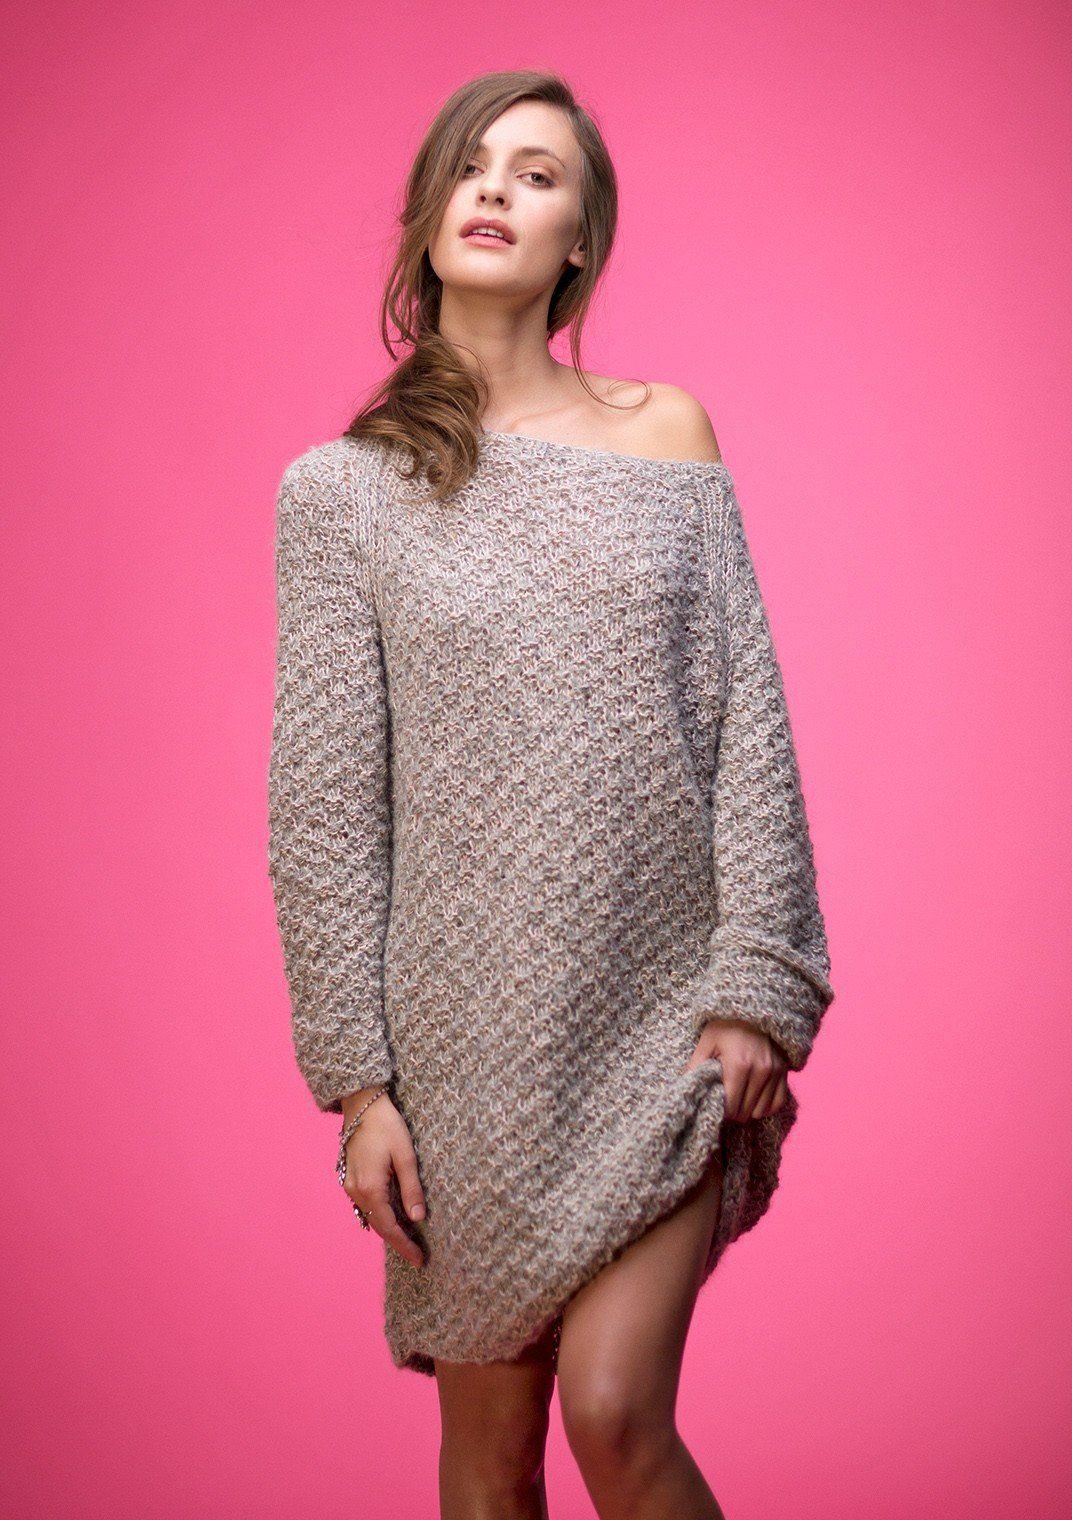 Lang genser | Heklet kjole, Mote, Genser